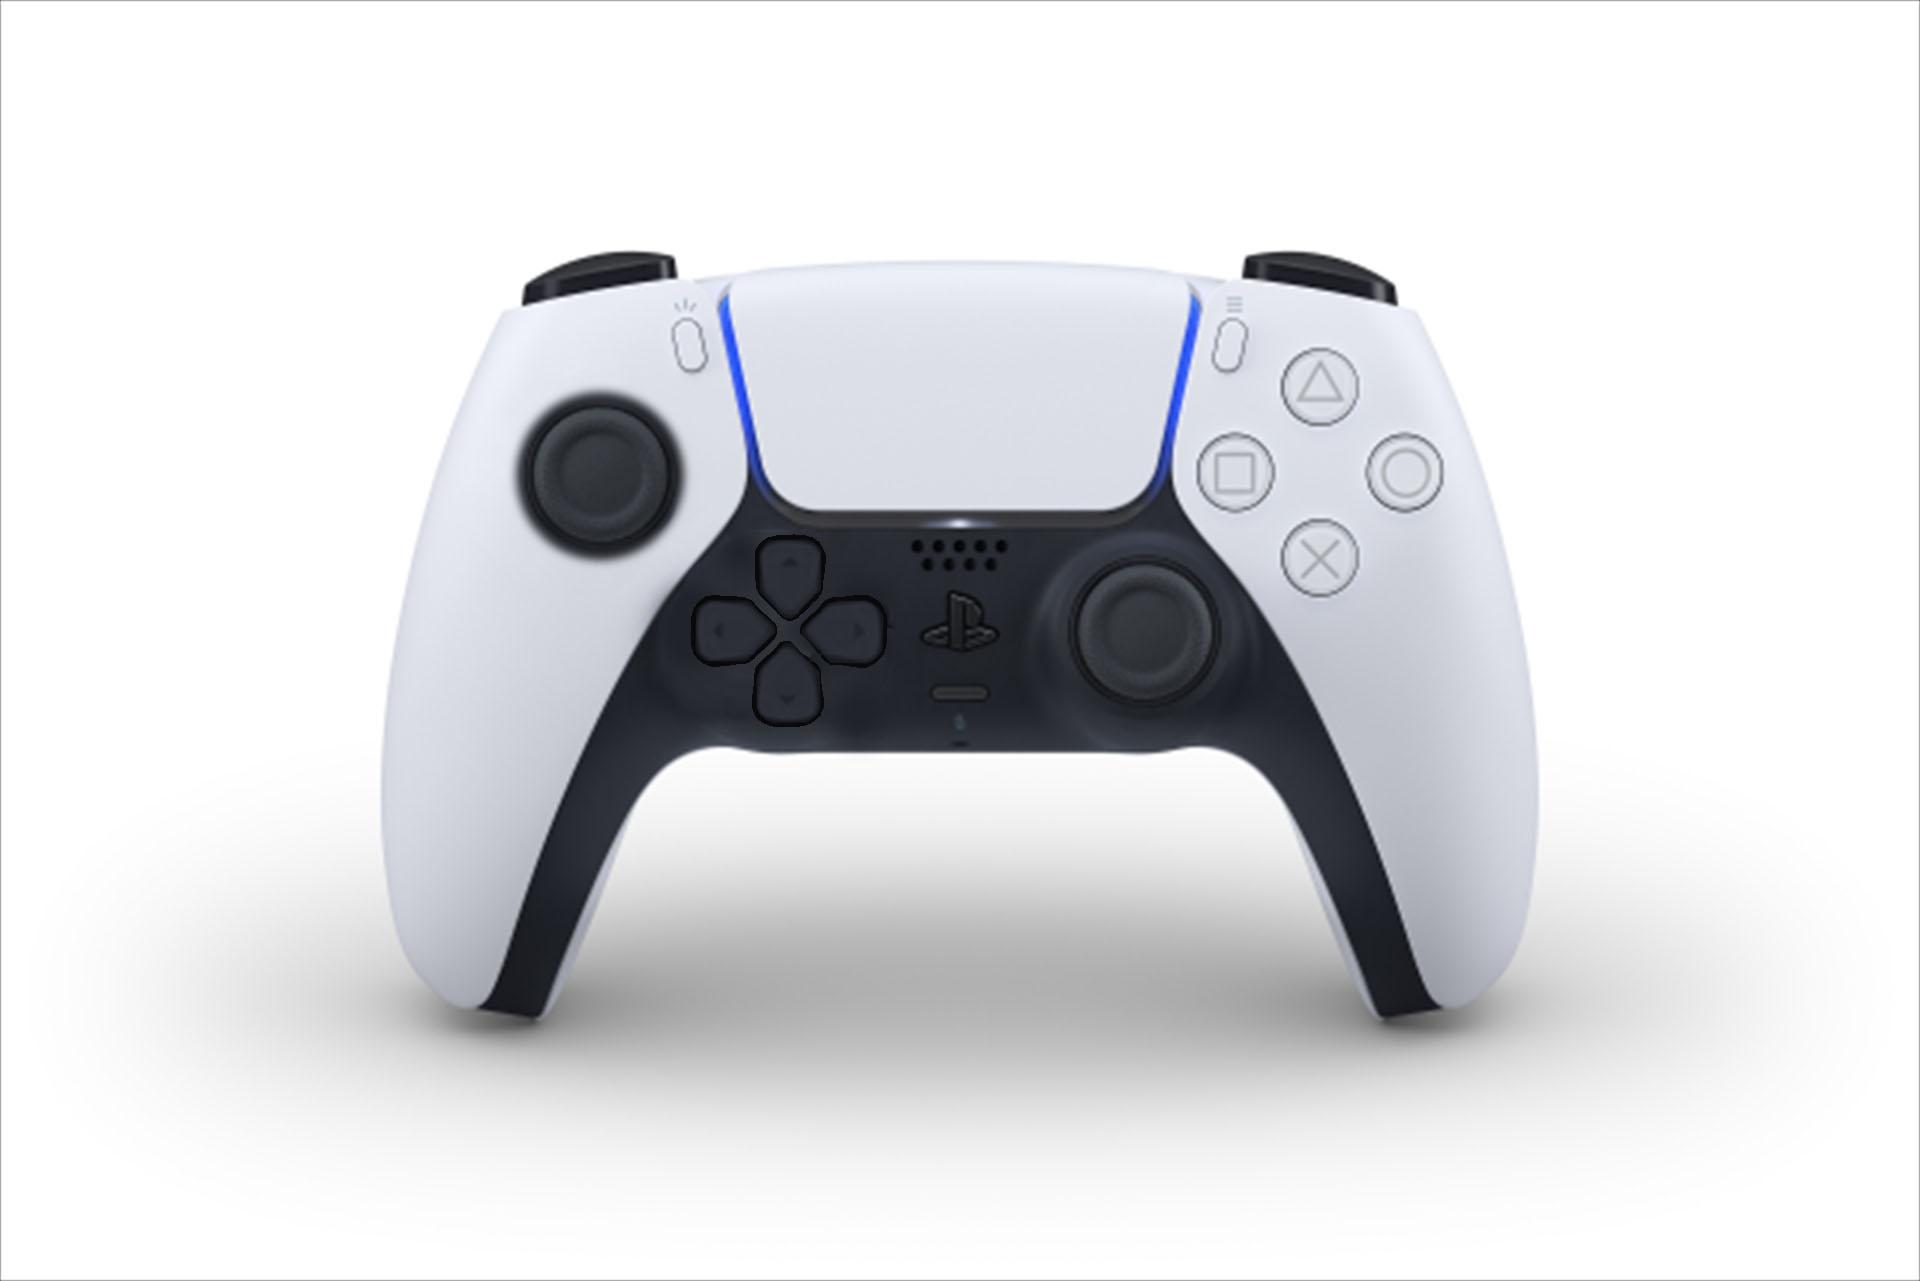 1 8 - 【画像】ソニー、PS5のコントローラーを公開